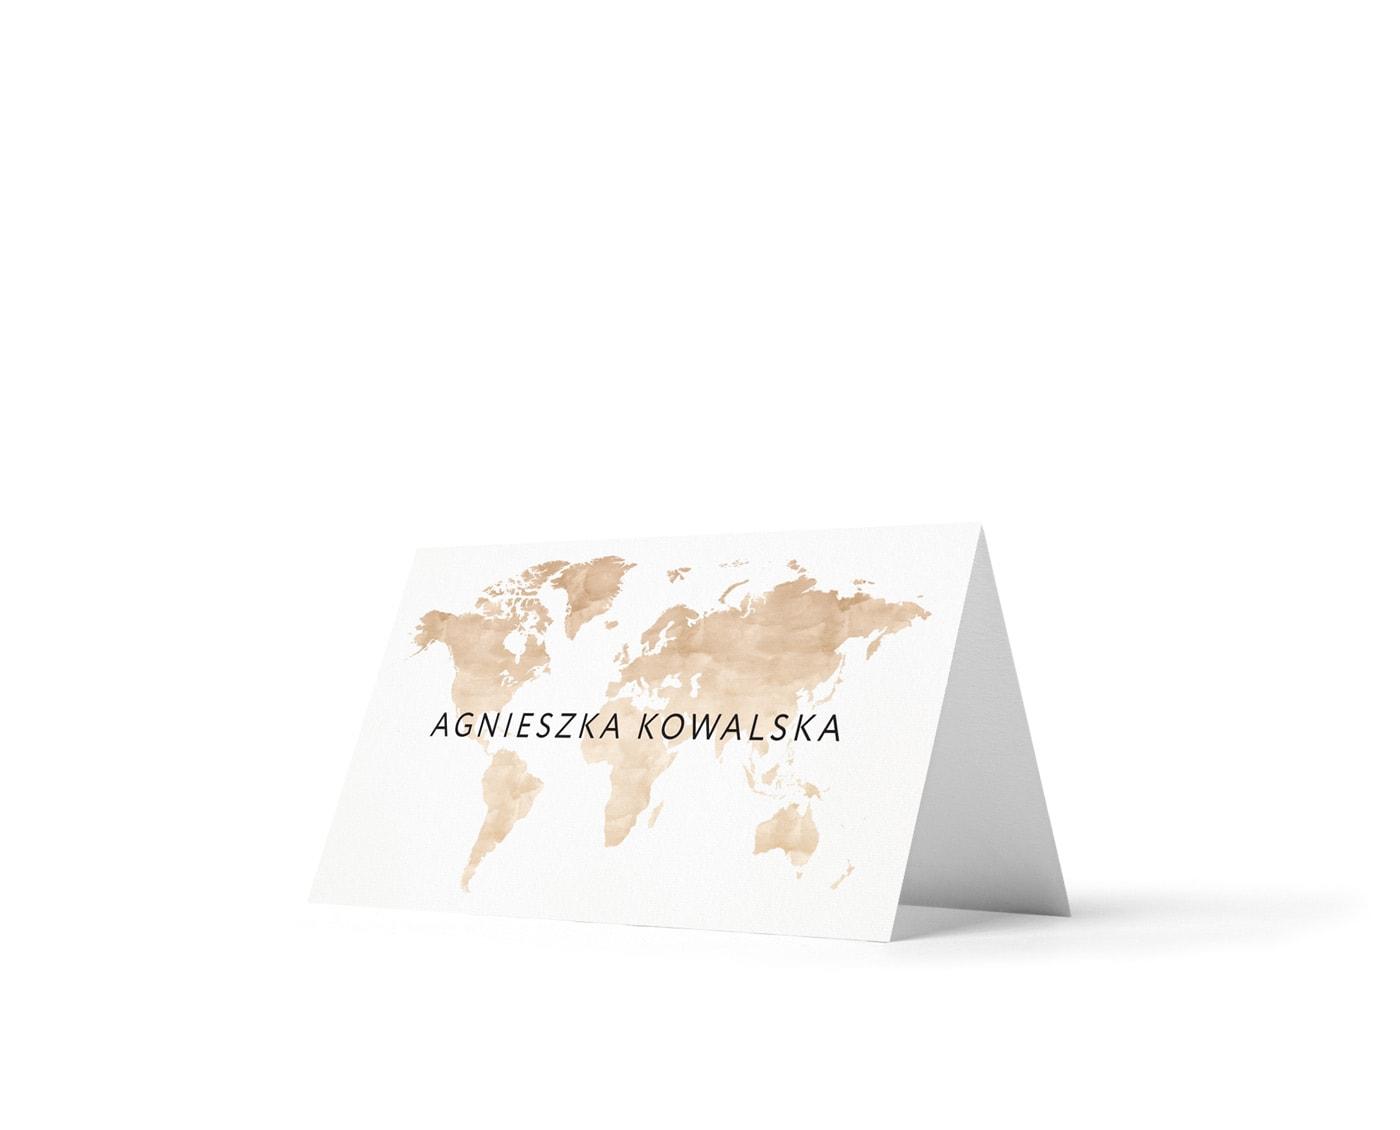 Winietki z brązową mapą świata w podróżniczym stylu